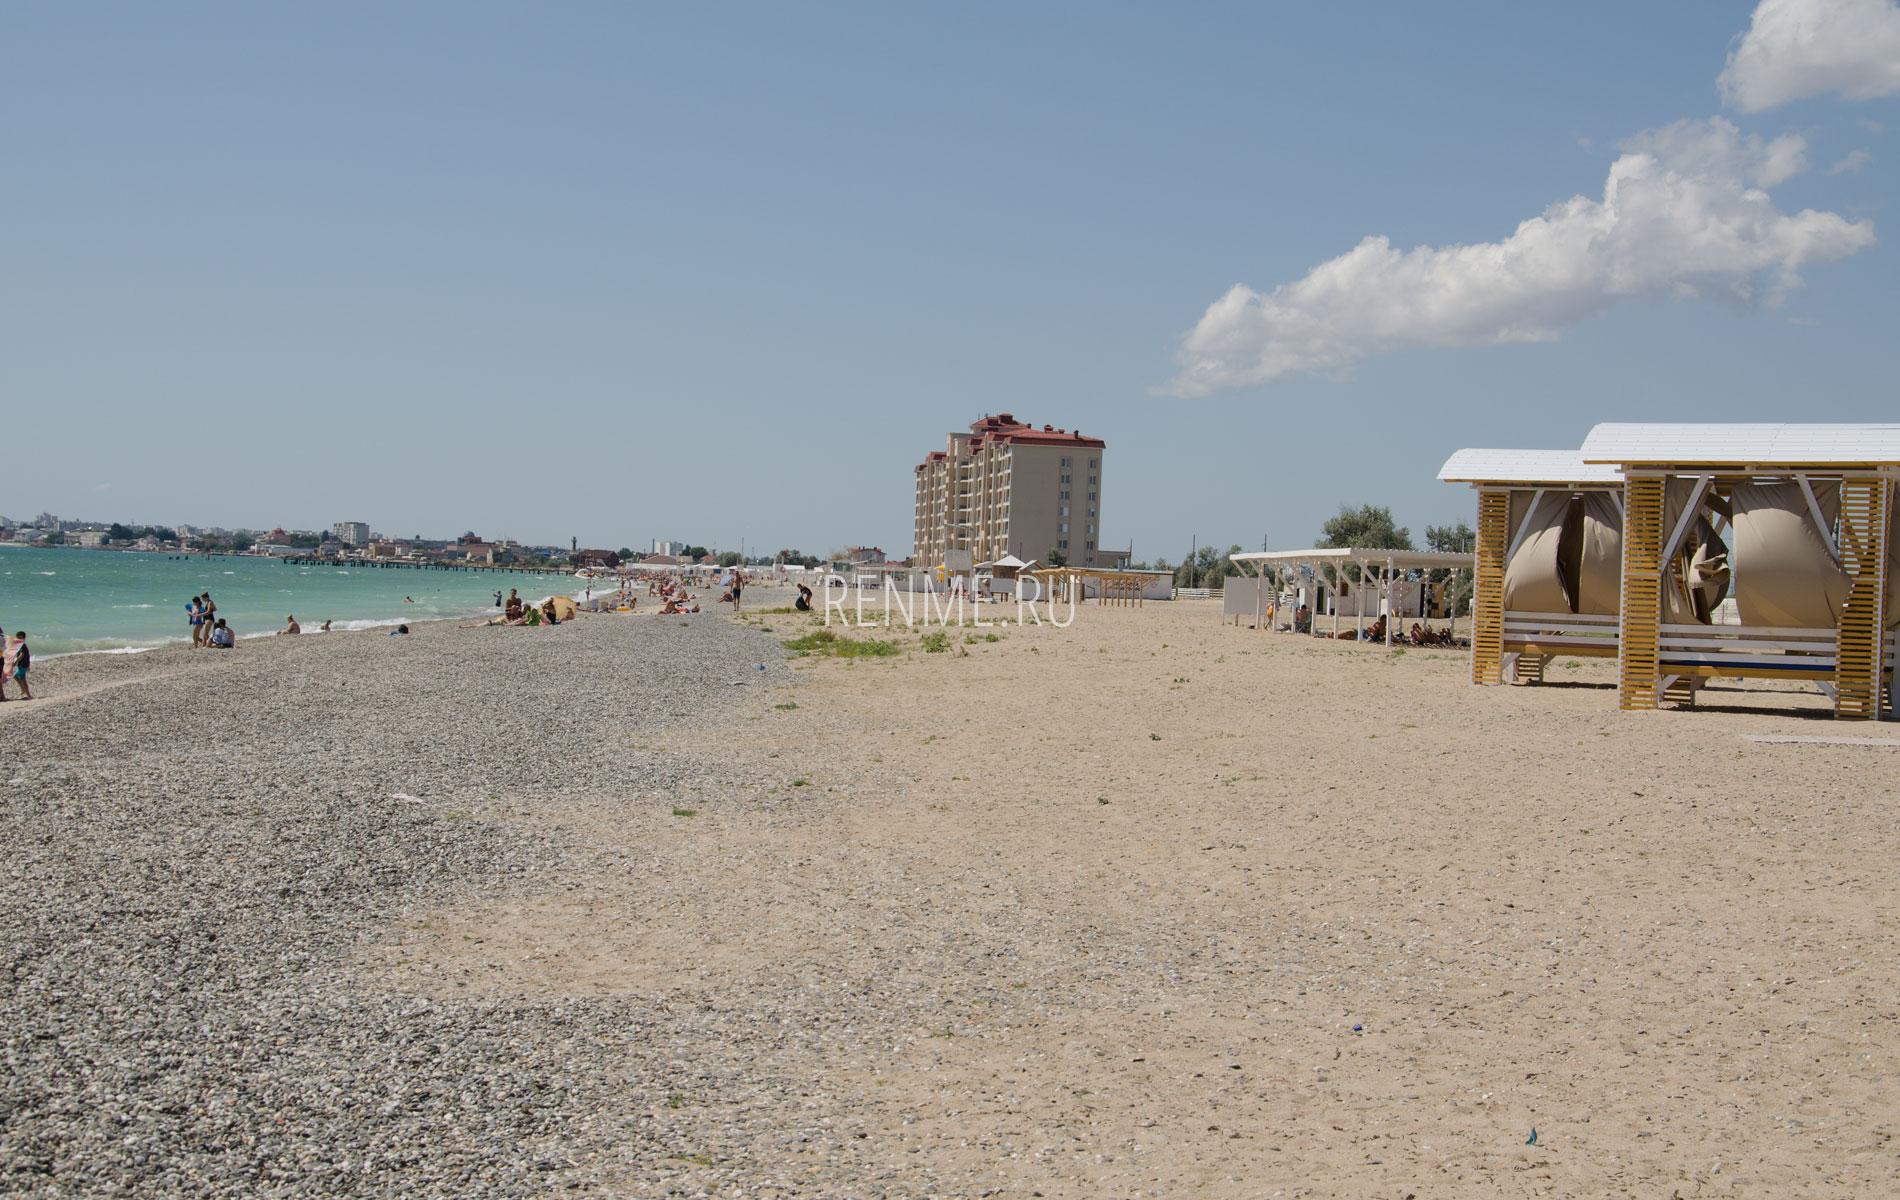 Золотой пляж с бунгало в сезон 2019. Фото Евпатории